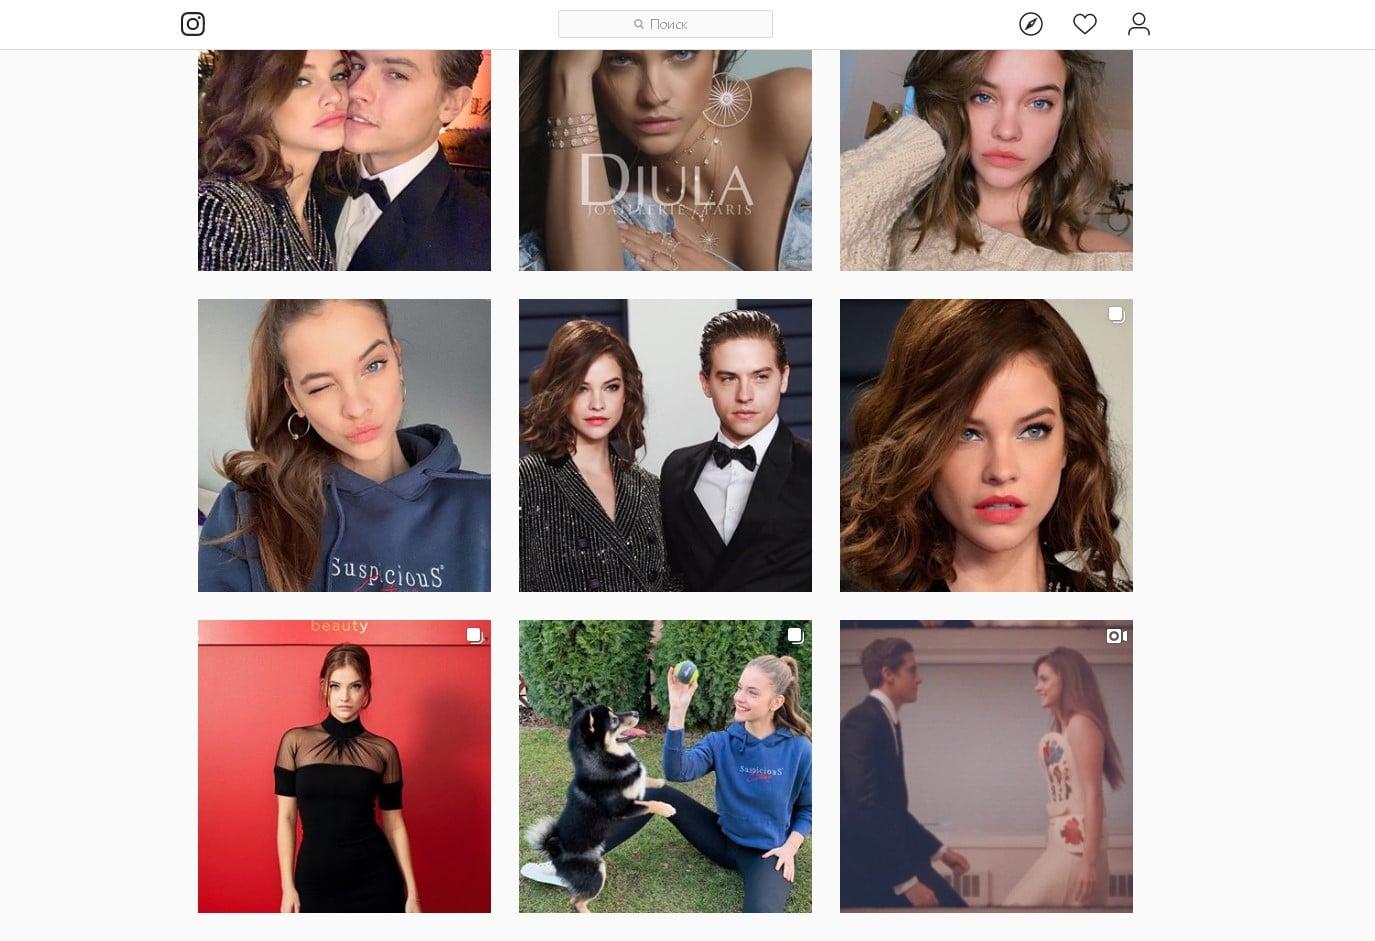 luchshie-sposoby-privlech-trafik-na-vash-sajt-vydelitsya-v-instagram